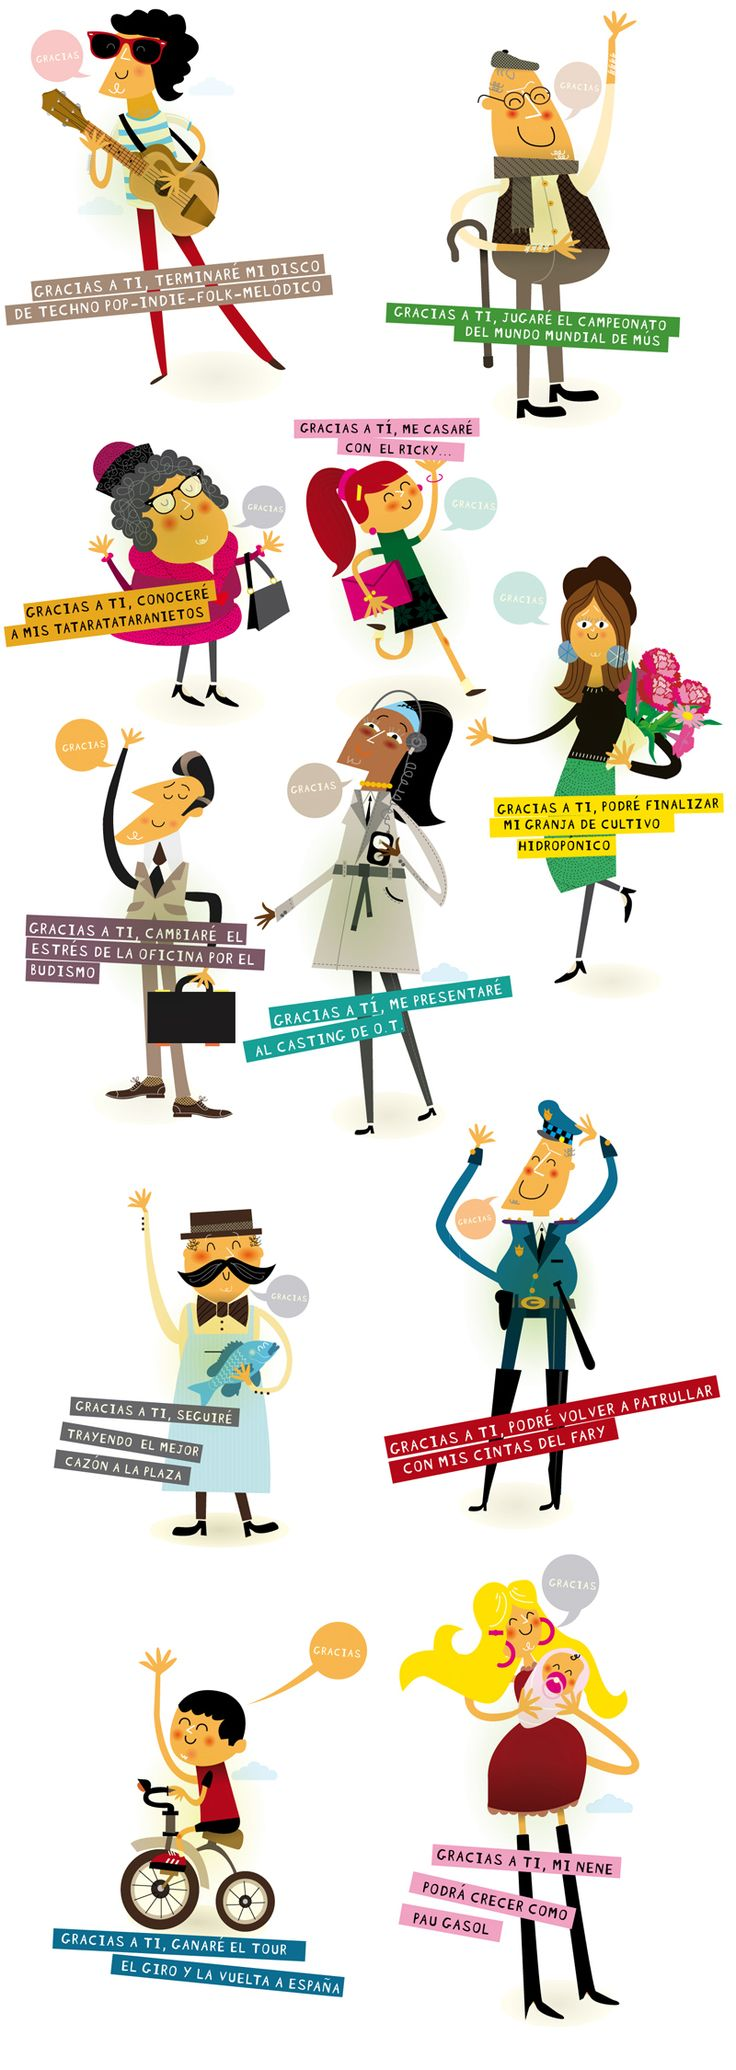 Exposición To be continued... Diseño para exposición en las calles de Sevilla para ayudar a la concienciación en la donación de órganos. En esta exposición participan 34 diseñadores de toda España y es una iniciativa de Buenavista obra social.